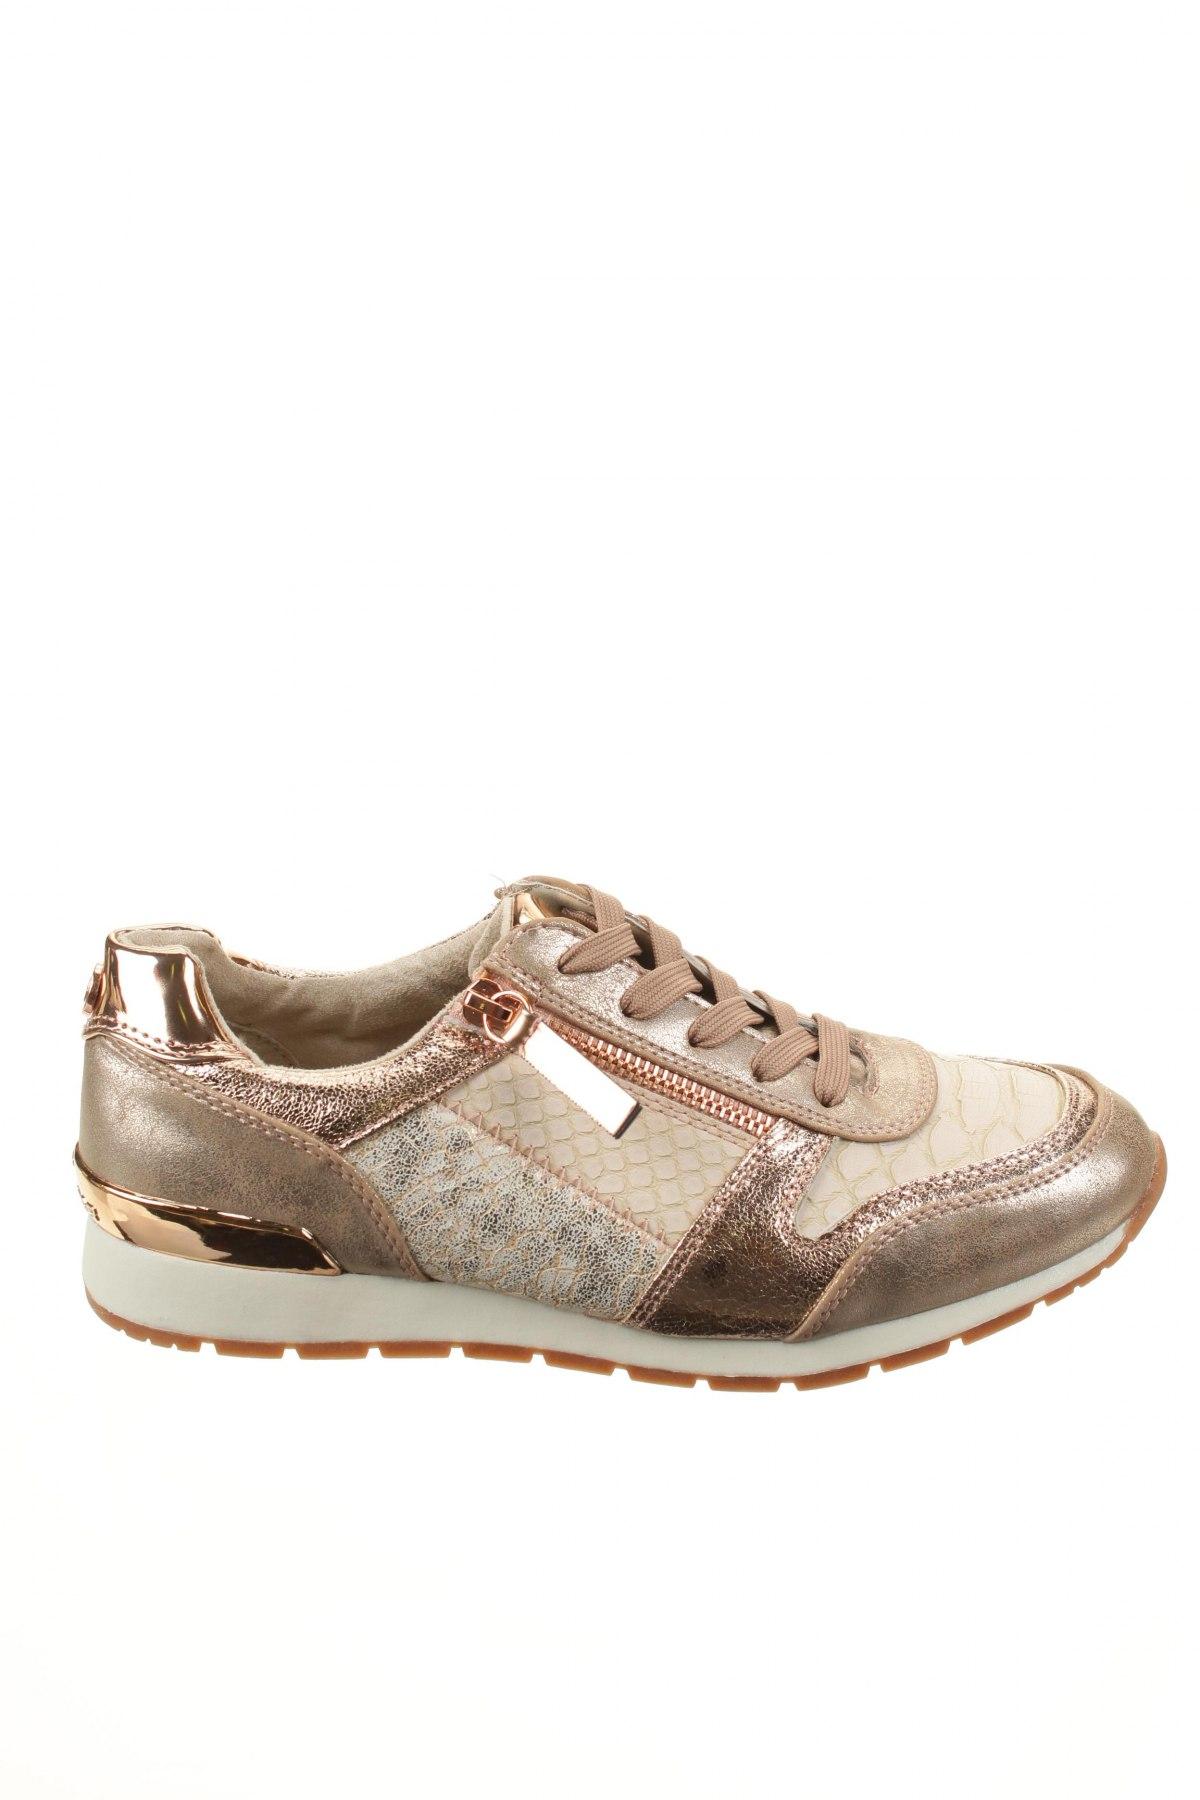 ba75d51a946 Dámské boty tom tailor koupit za vyhodné ceny na remix jpg 1200x1800 Tom  tailor boty